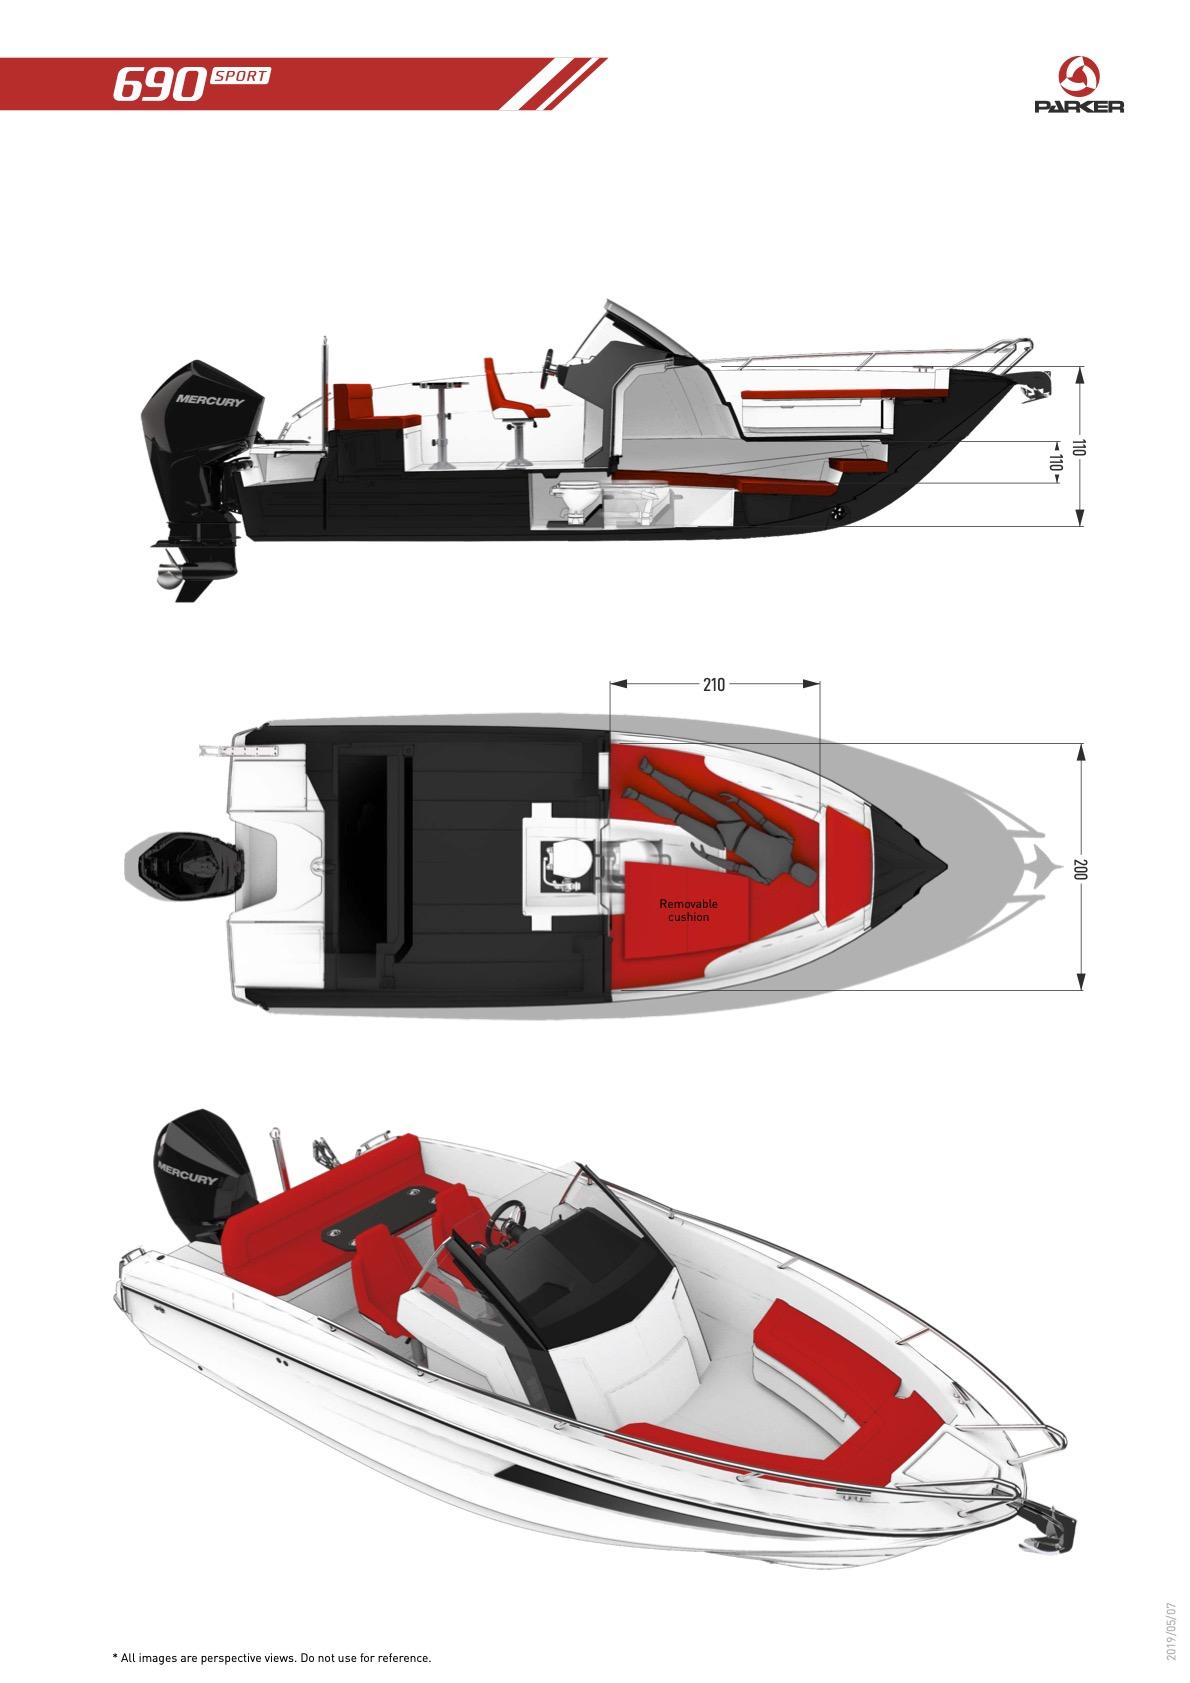 Parker 690 Sport plan de pont 2